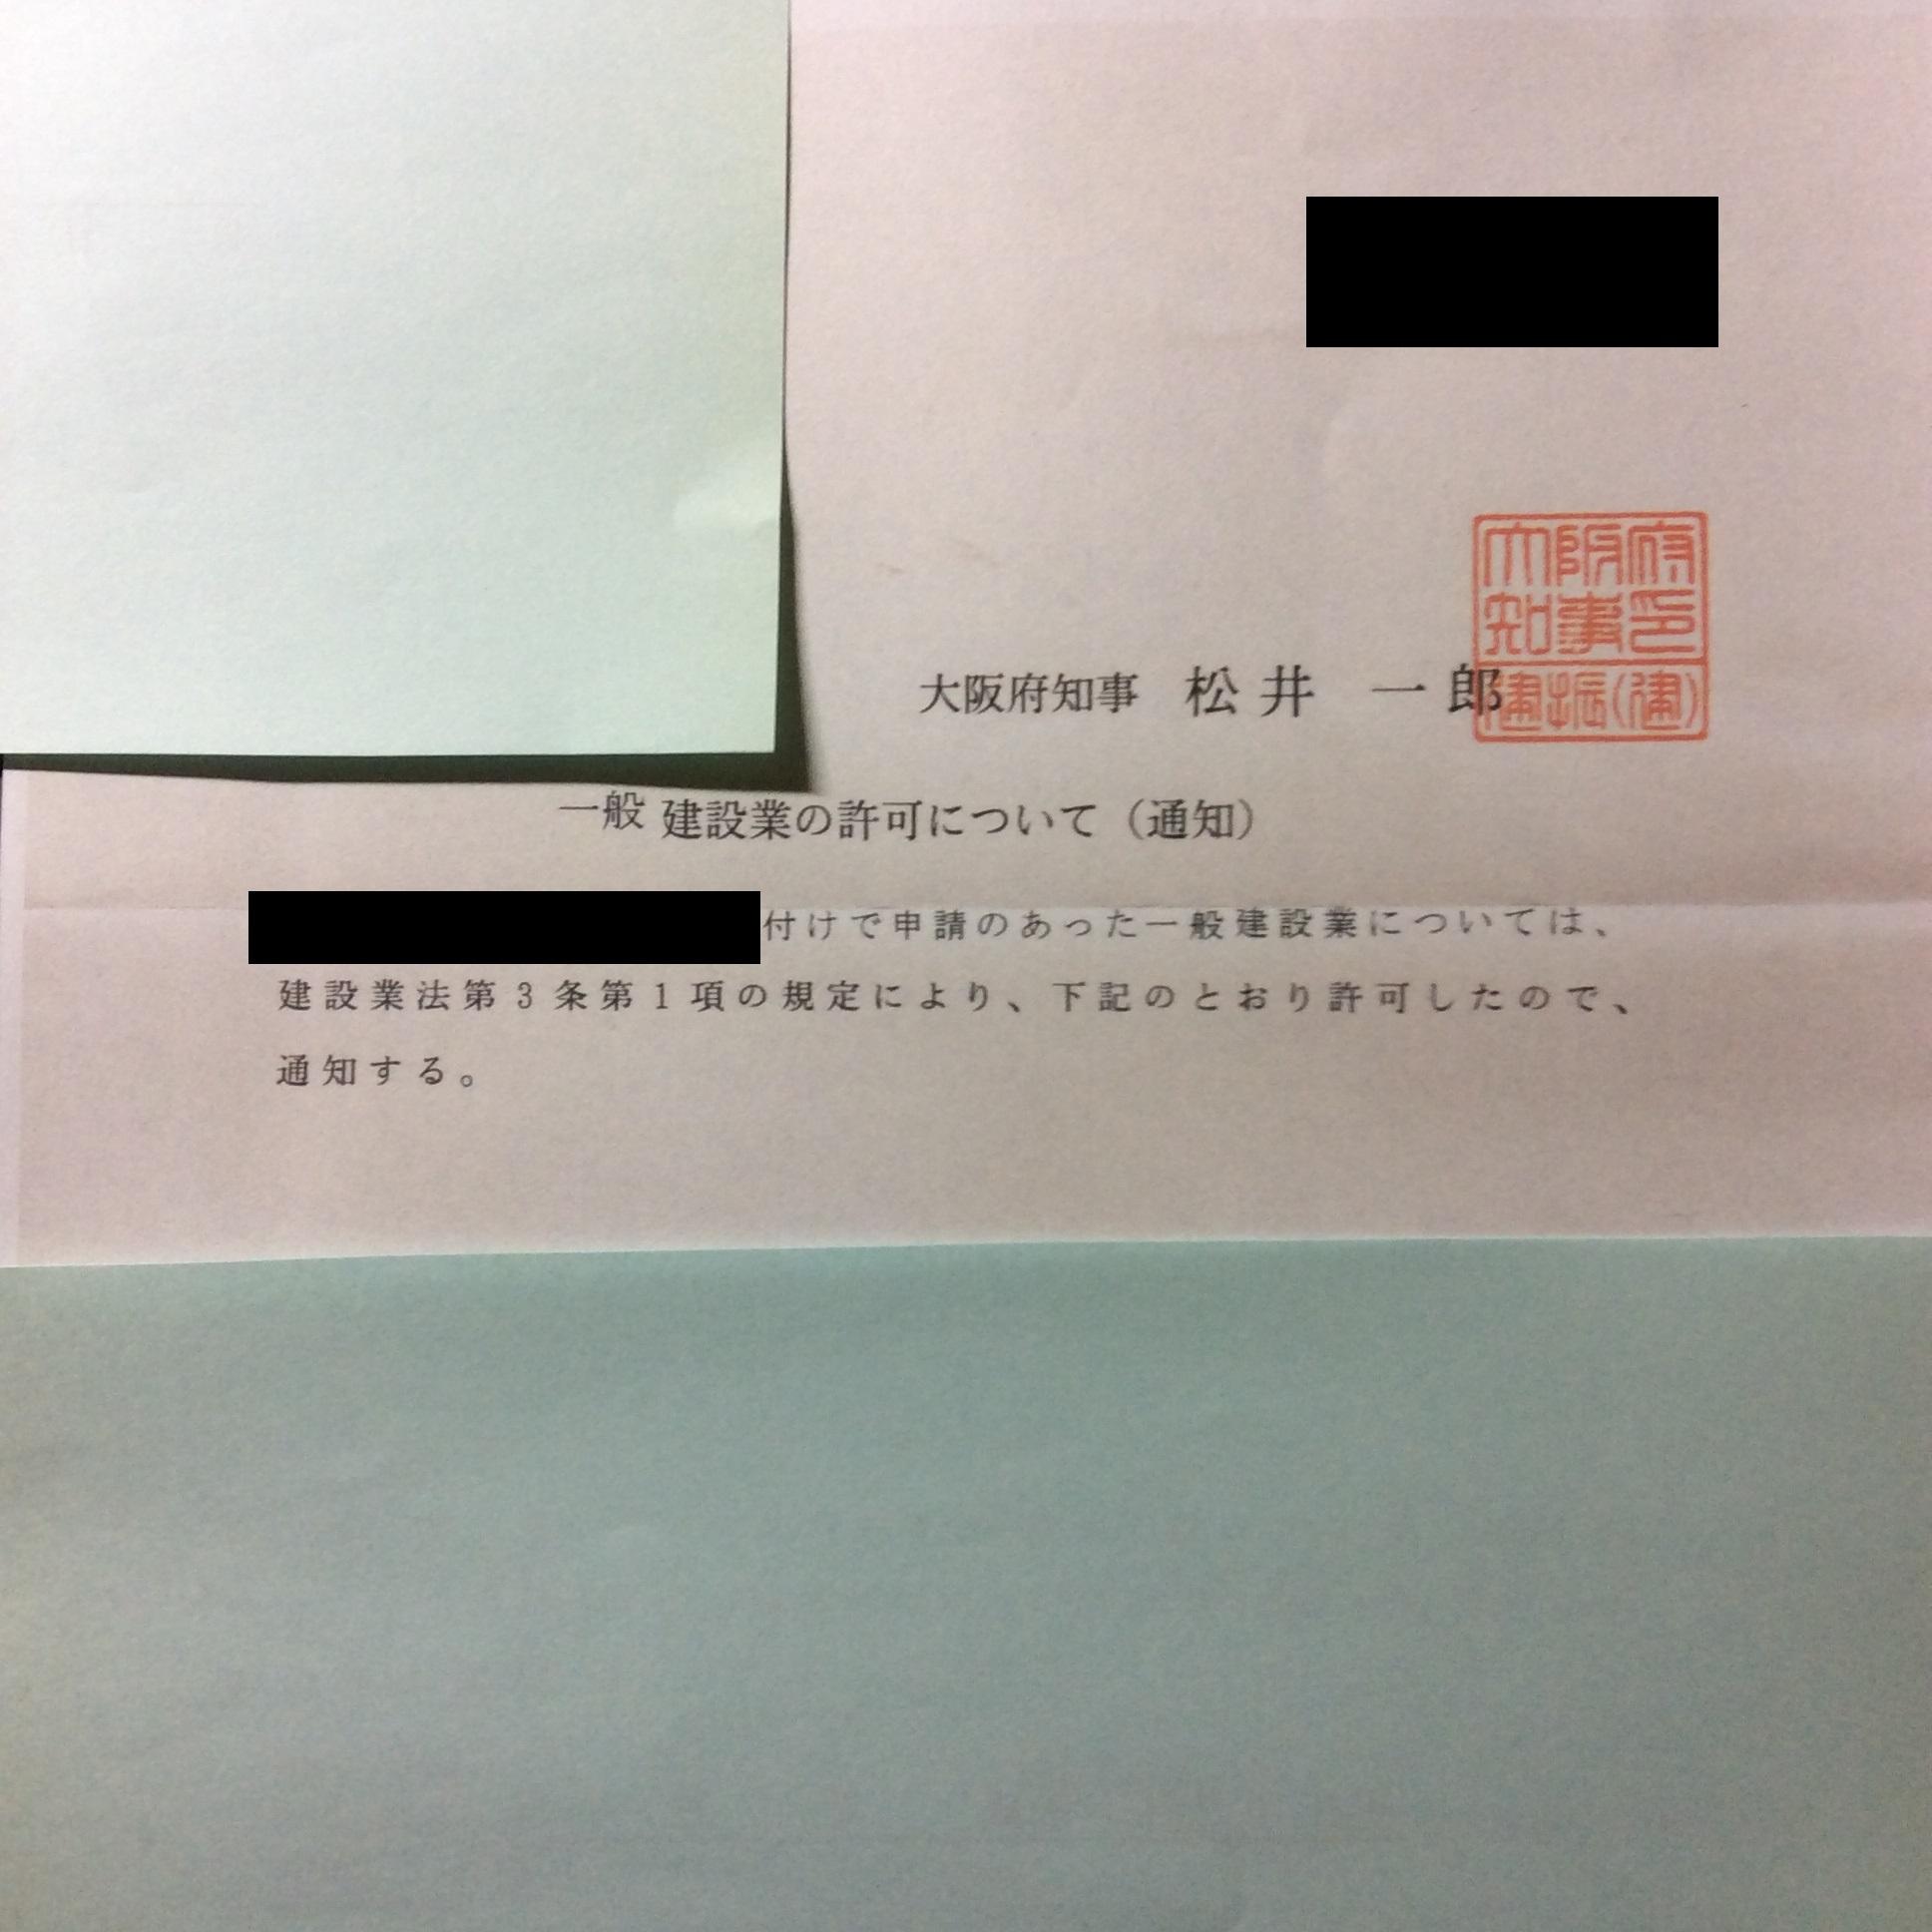 大阪府知事建設業許可業者様 複数業種建設業許可証